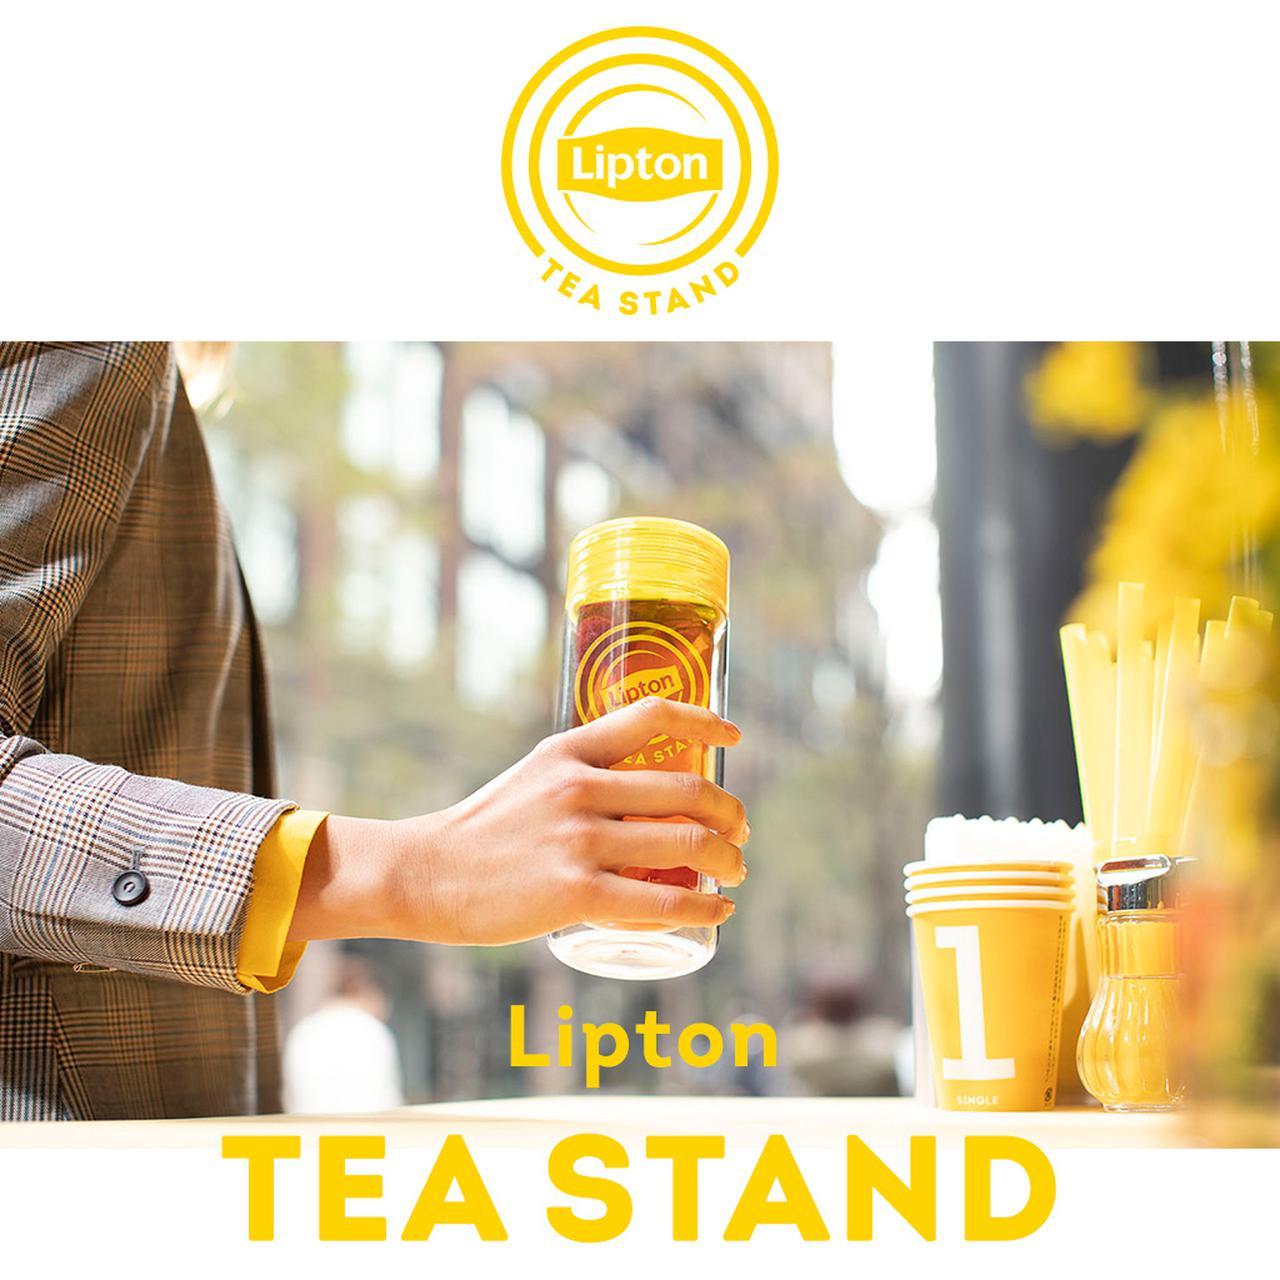 画像: TEA STAND デジタルメニュー   紅茶の専門家リプトン(Lipton)